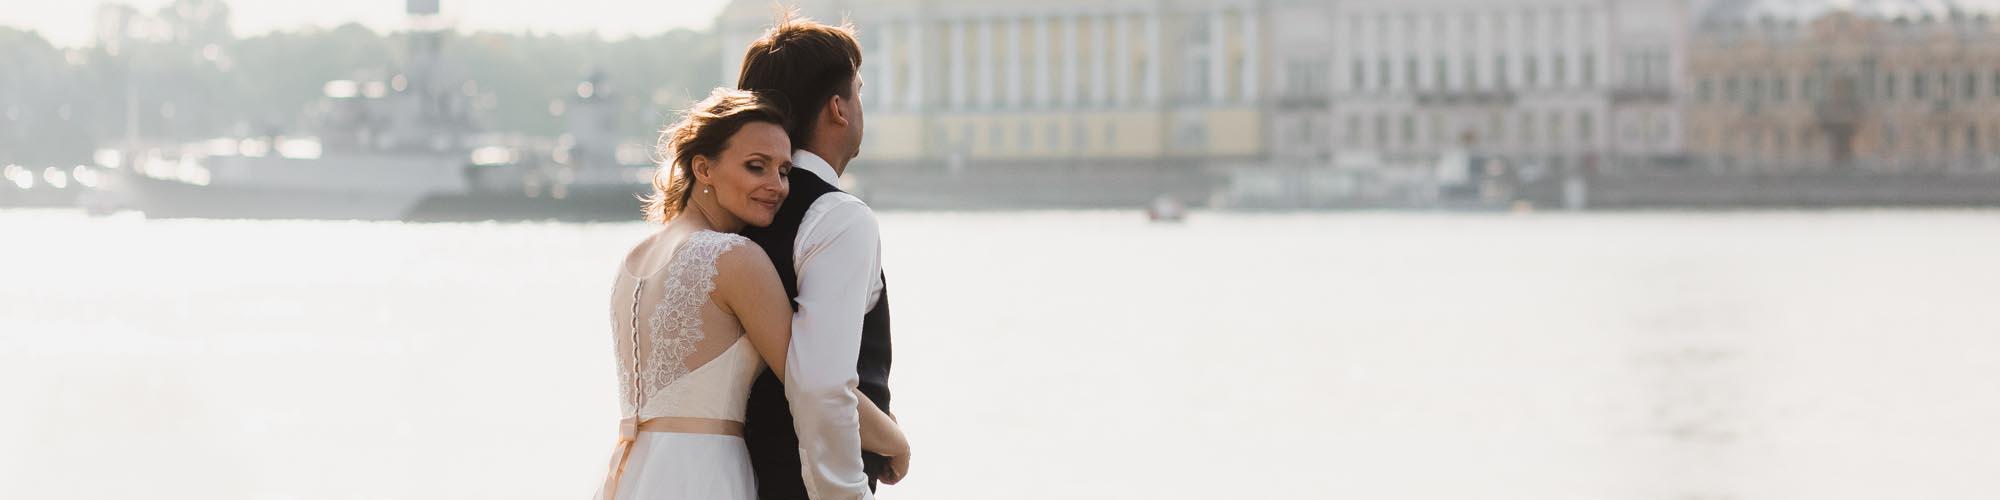 заказать свадьбу в агентстве